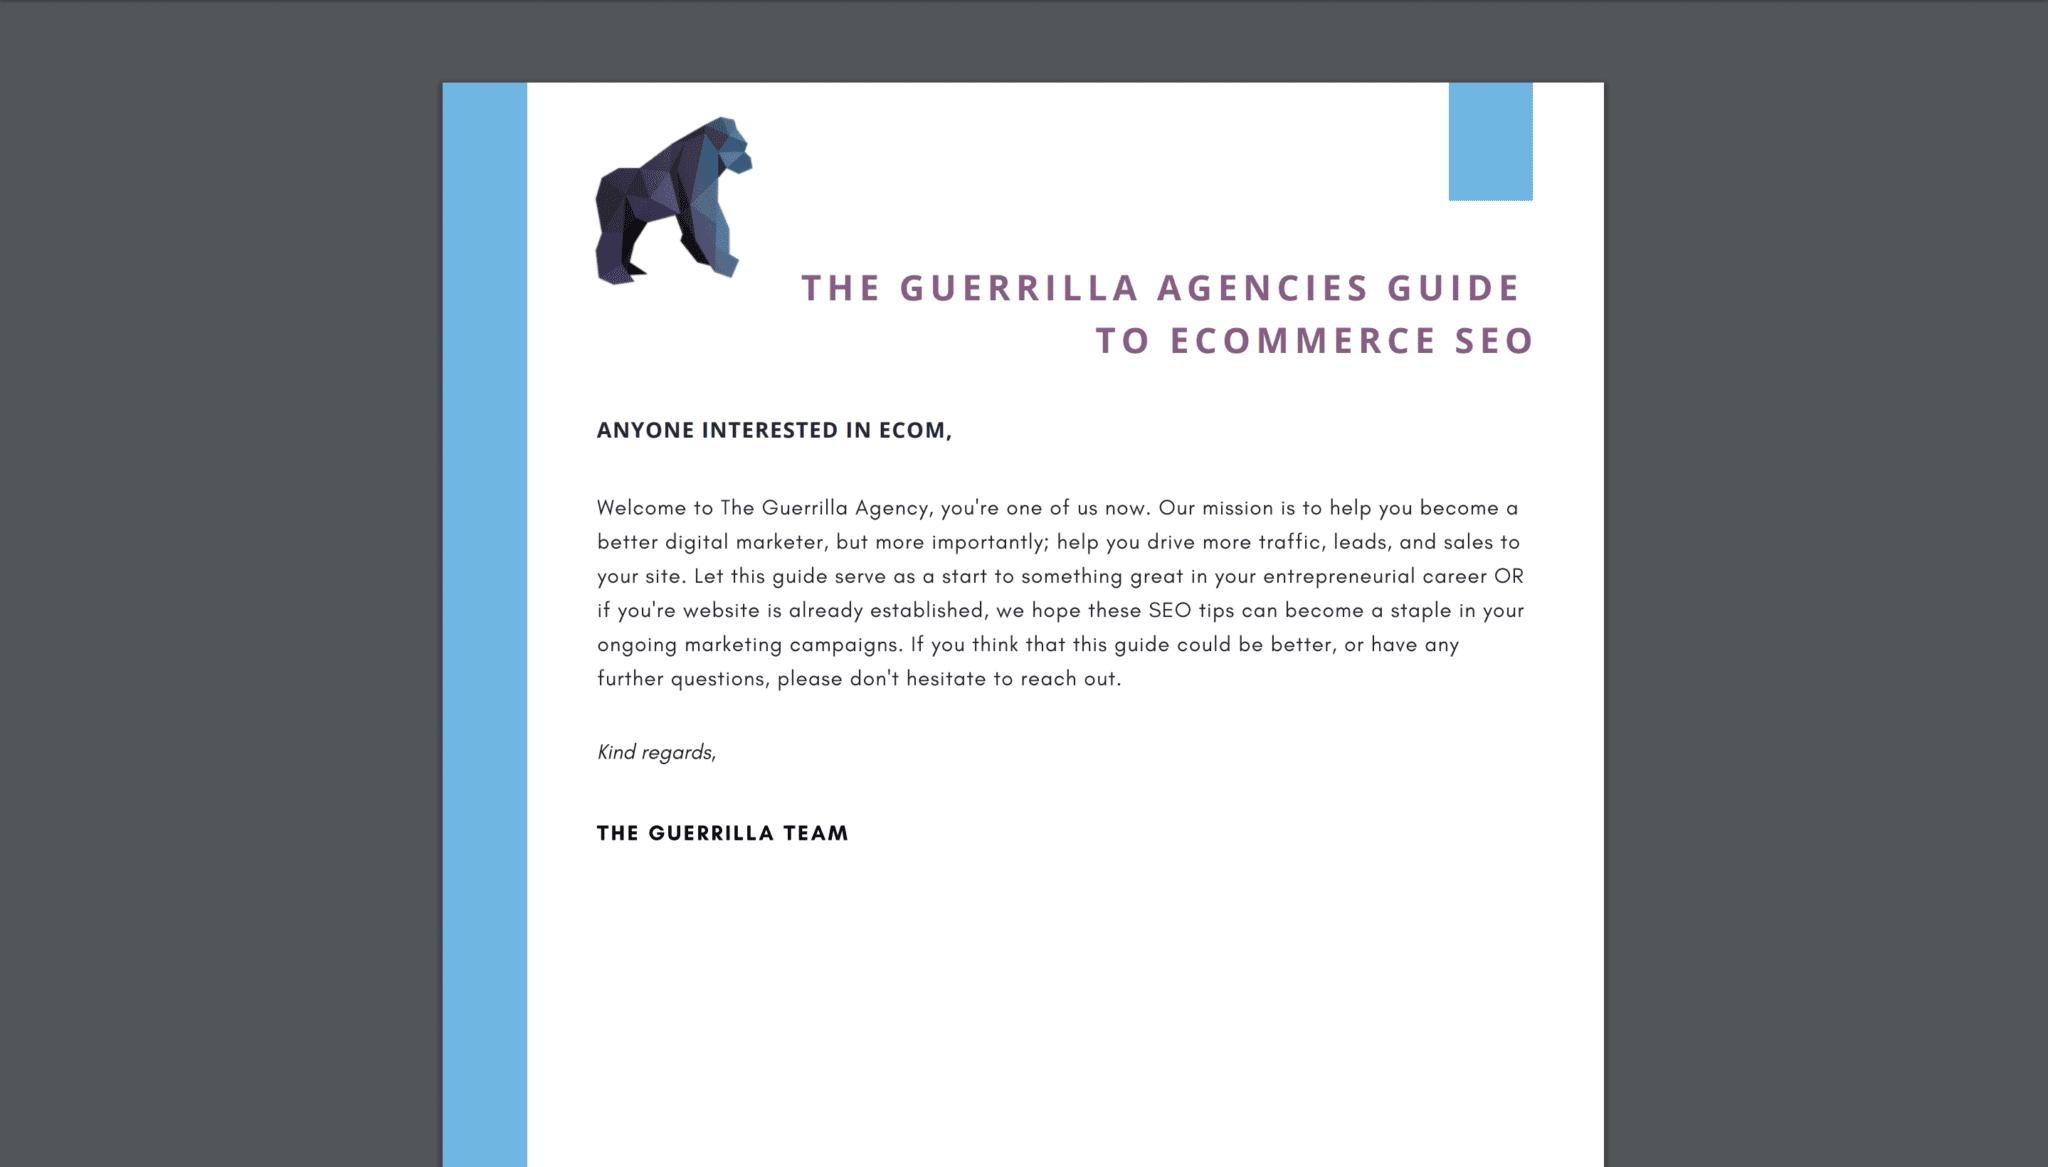 eCom SEO Guide